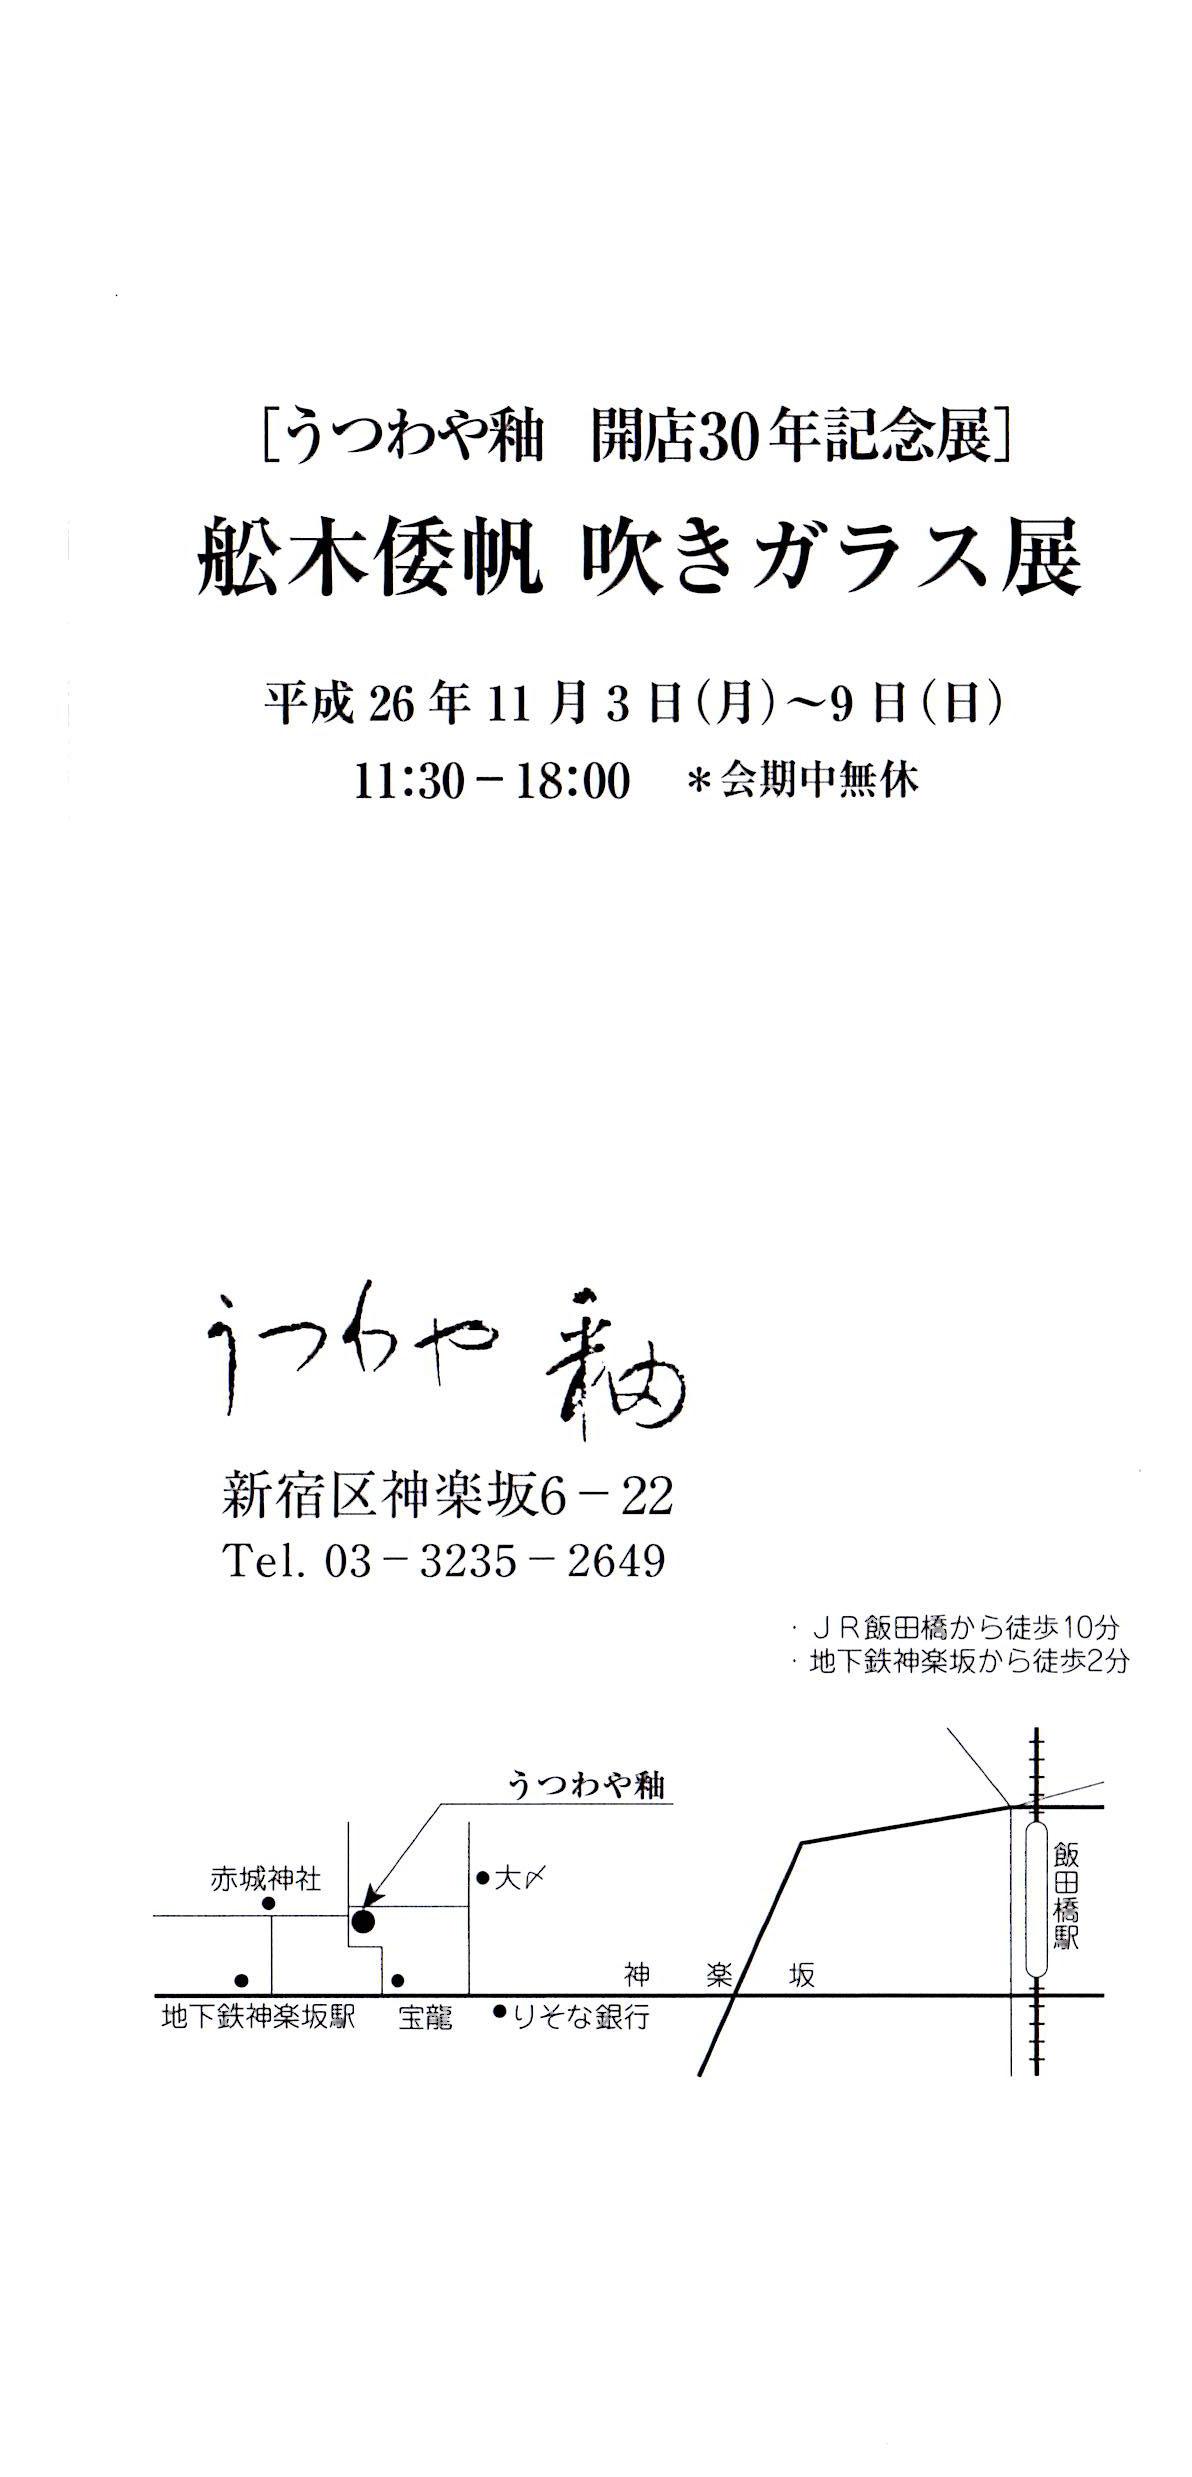 舩木倭帆  吹きガラス展のお知らせ_c0237627_2057172.jpg